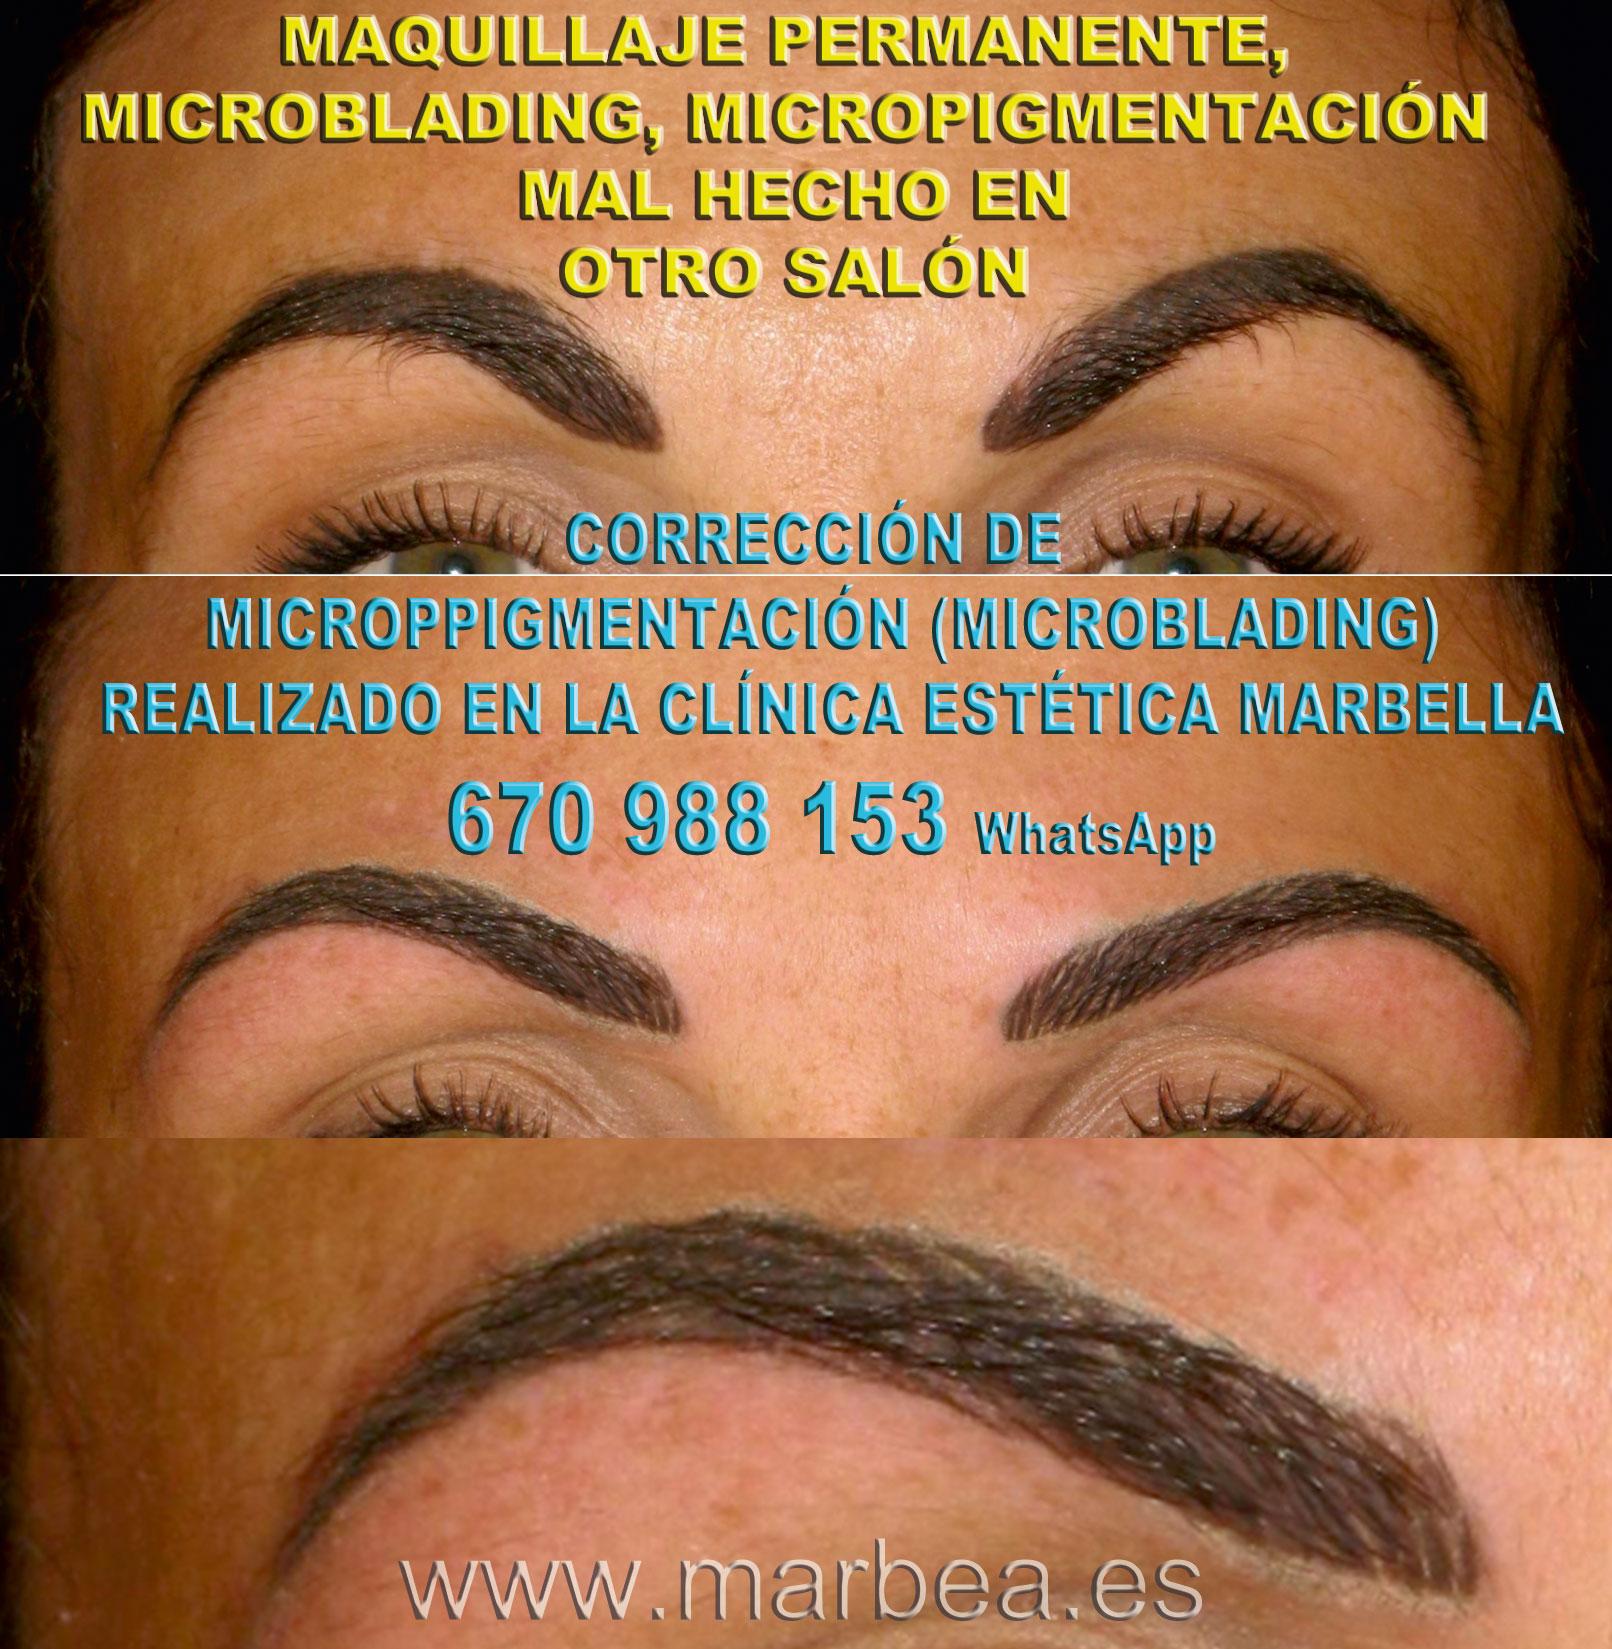 MAQUILLAJE PERMANENTE CEJAS MAL HECHO clínica estética tatuaje propone como aclarar la micropigmentación cejas,micropigmentación correctiva cejas mal hecha